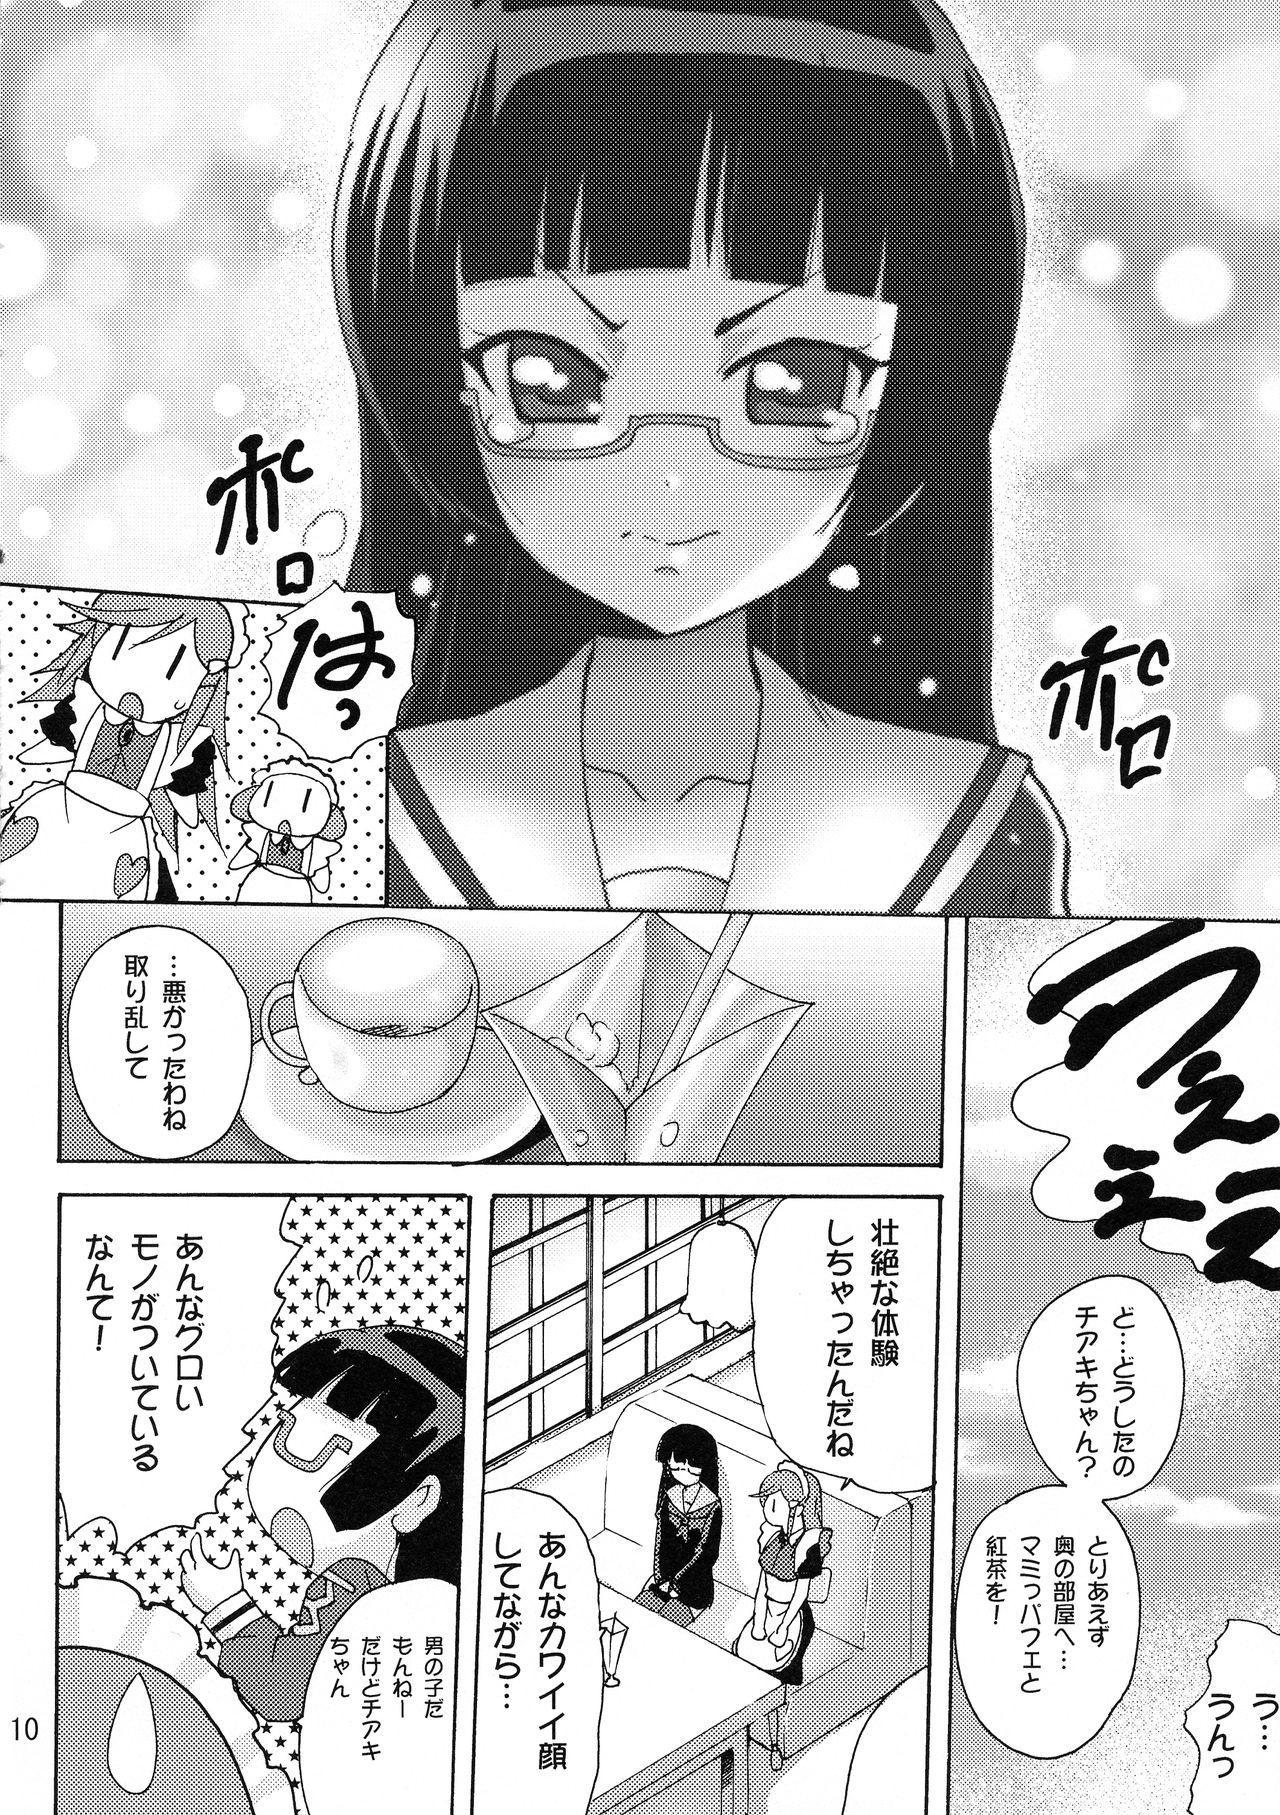 Koisuru Uchuu Kaizoku Musume 9